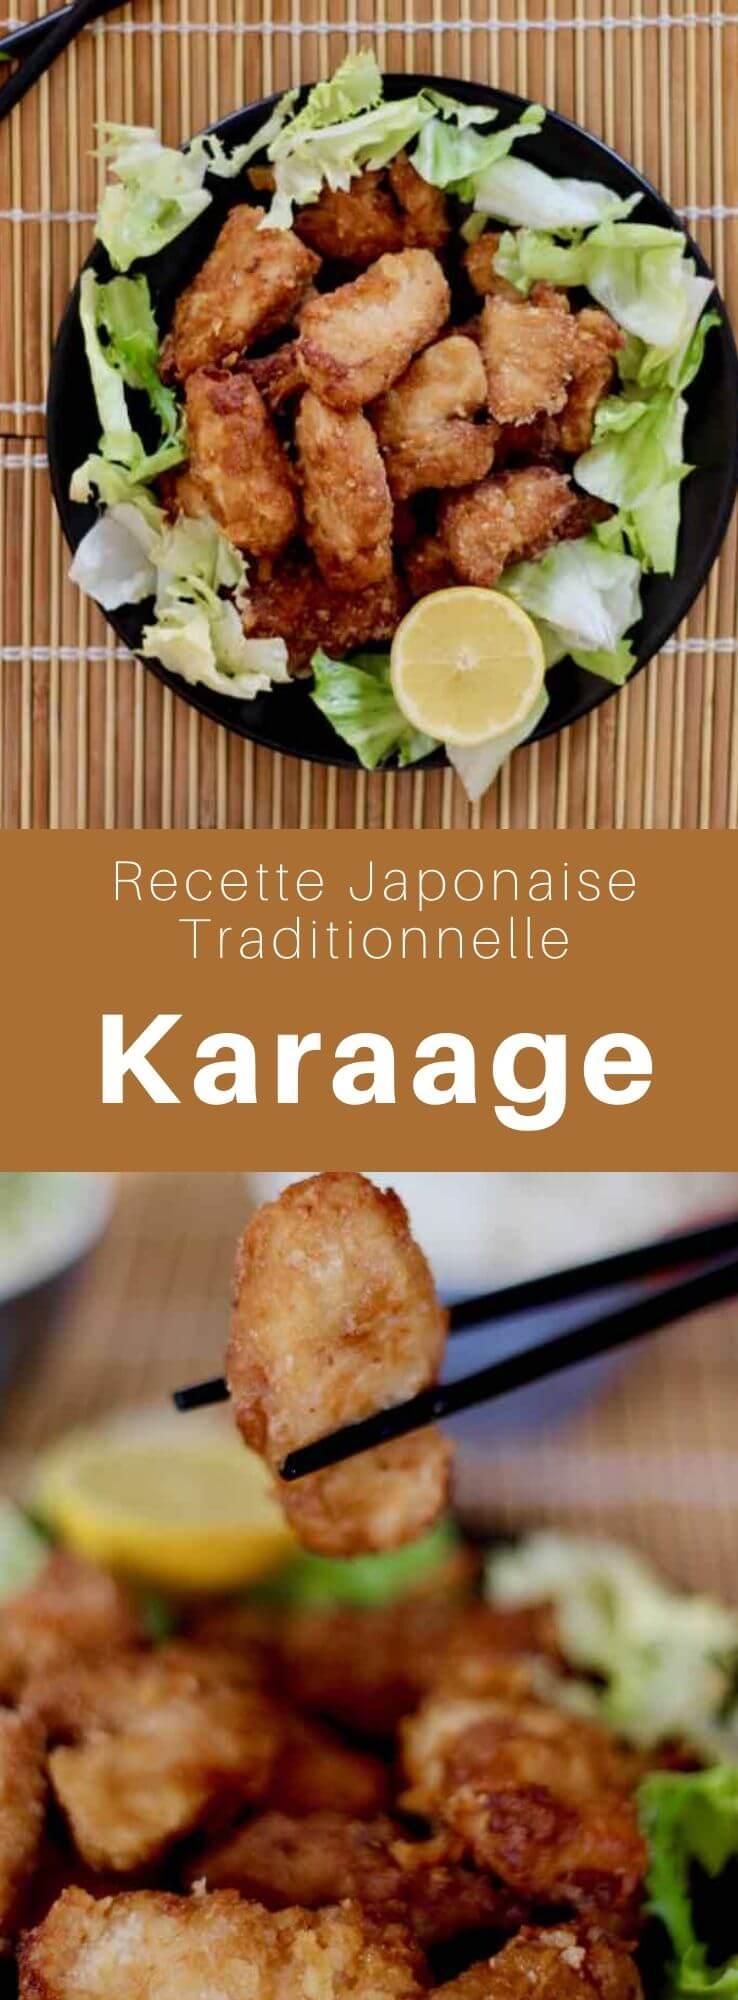 Le karaage (唐揚げ) est une technique de cuisson japonaise dans laquelle les ingrédients, essentiellement de la viande ou du poisson, sont marinés puis frits dans un bain d'huile. #Japon #CuisineJaponaise #RecetteJaponaise #CuisineDuMonde #196flavors